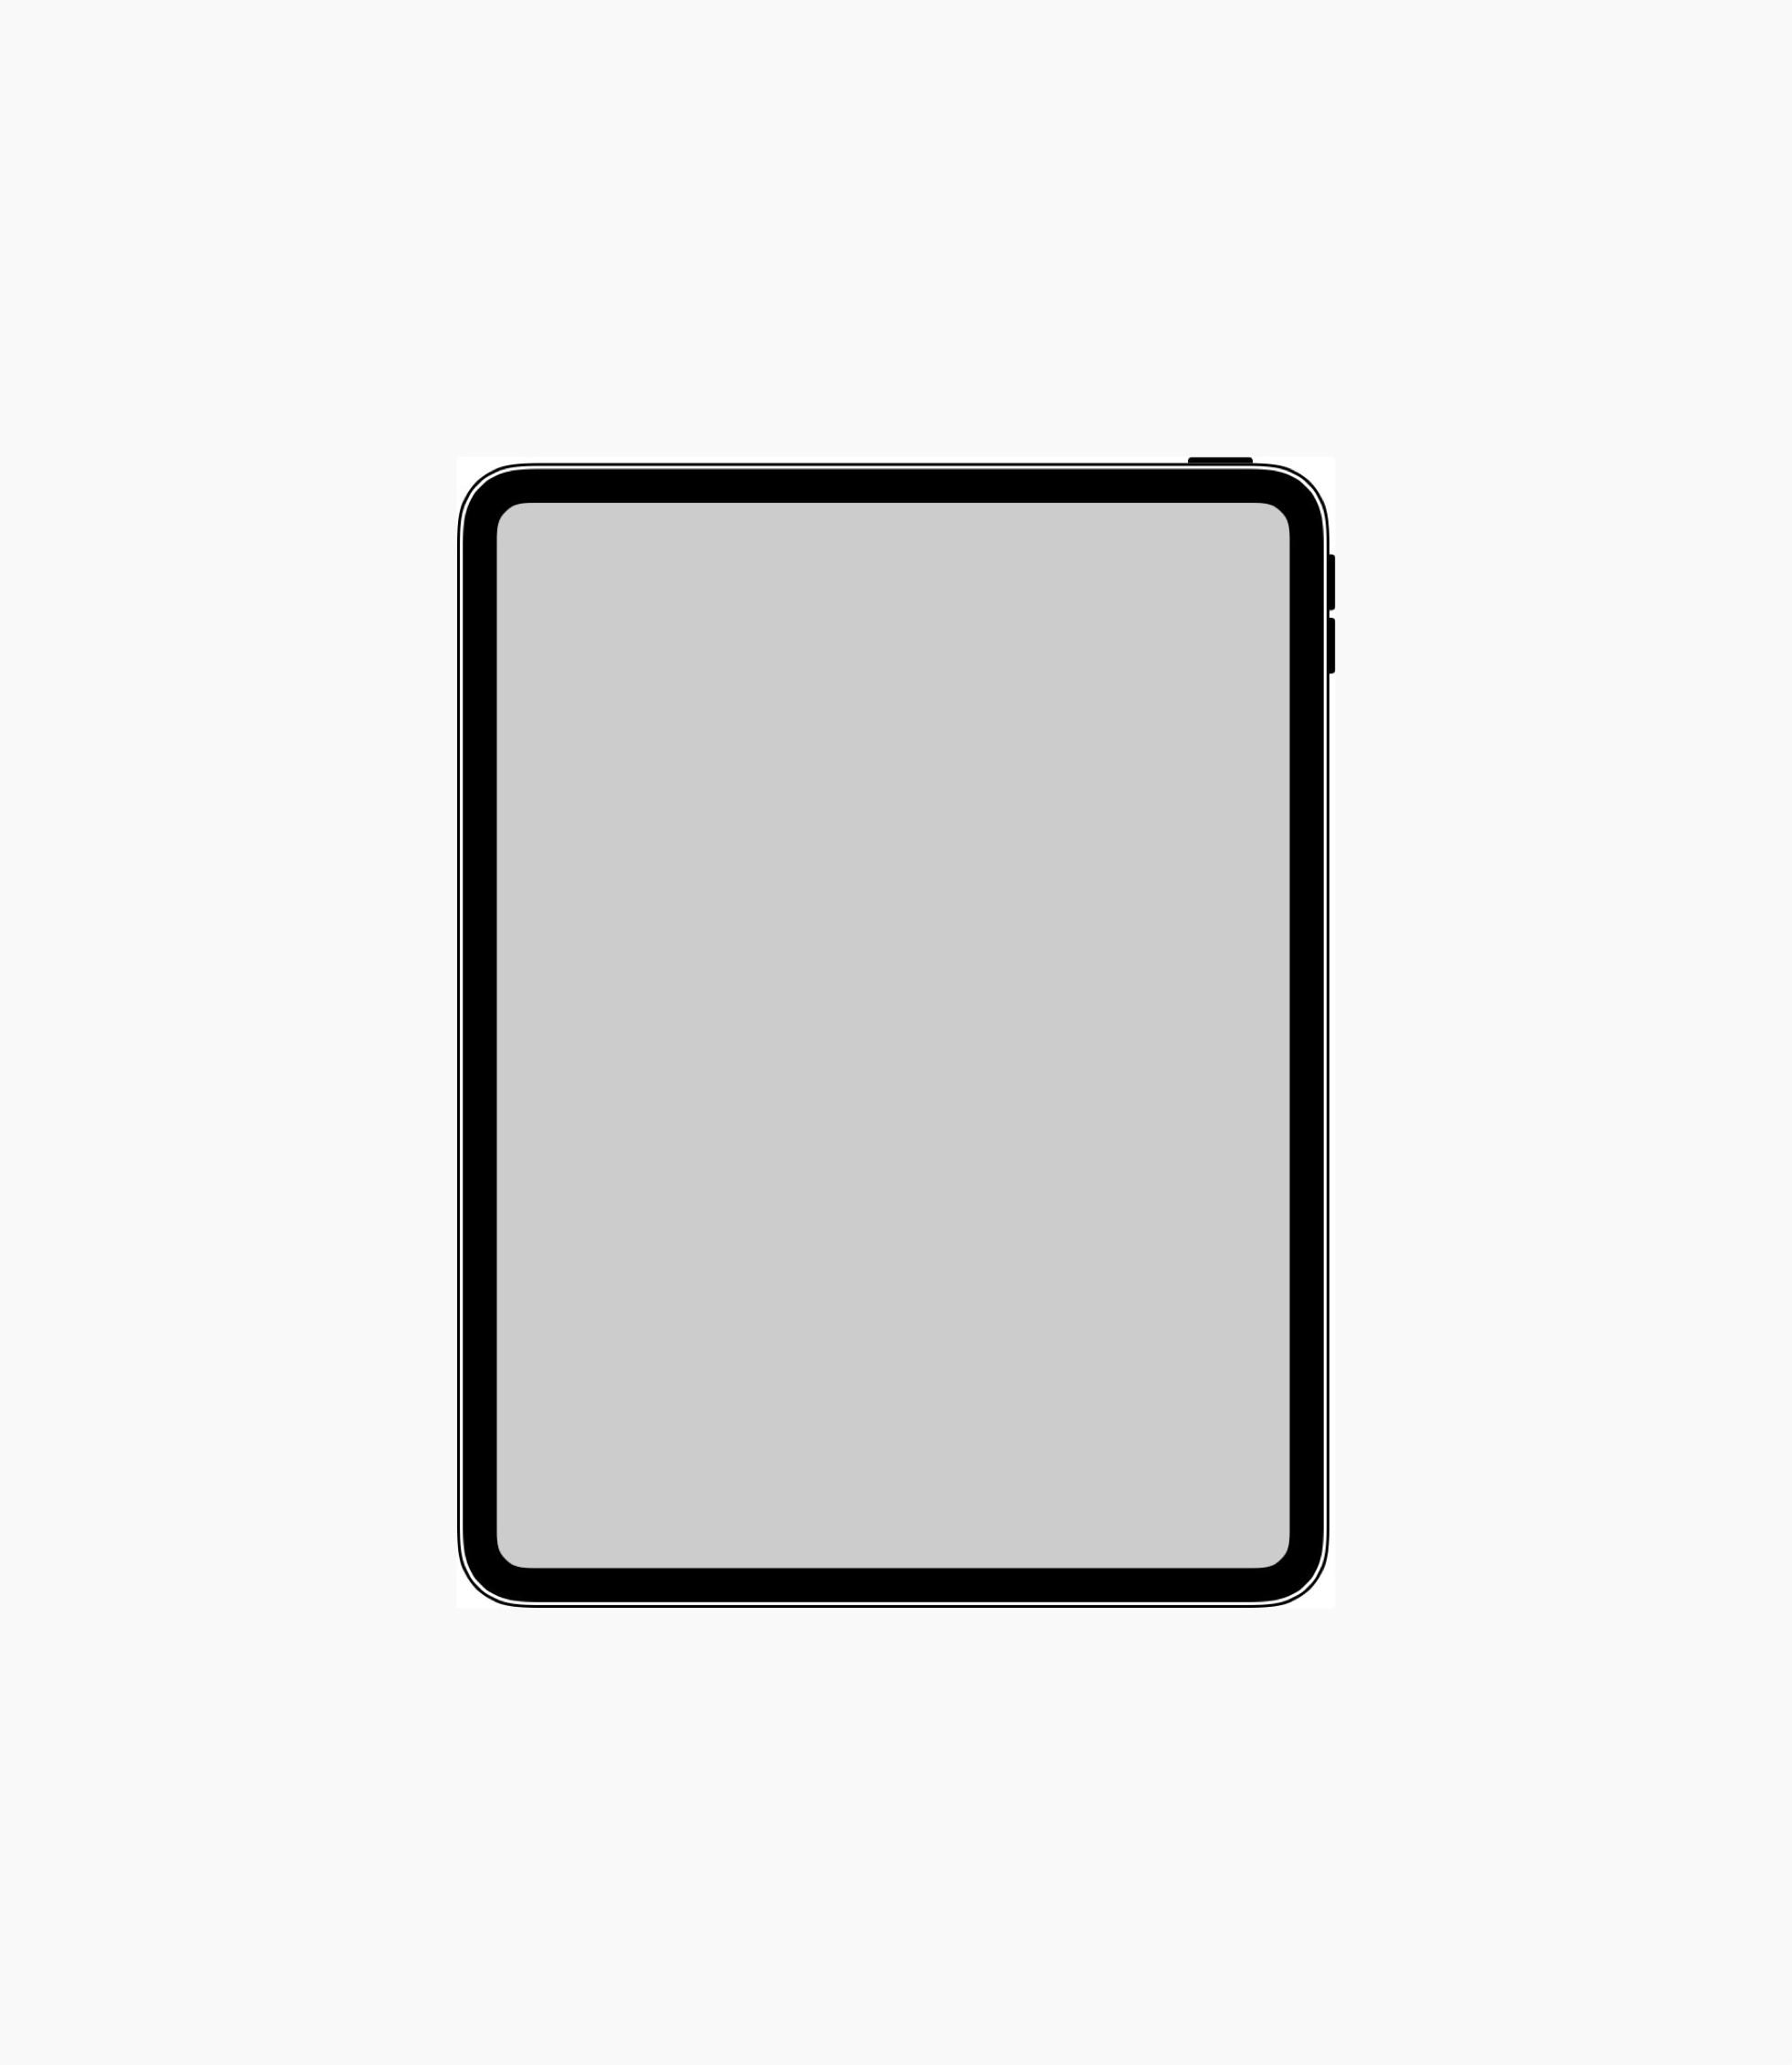 Ícone do iPad Pro encontrado no iOS (imagem para destaque do site)